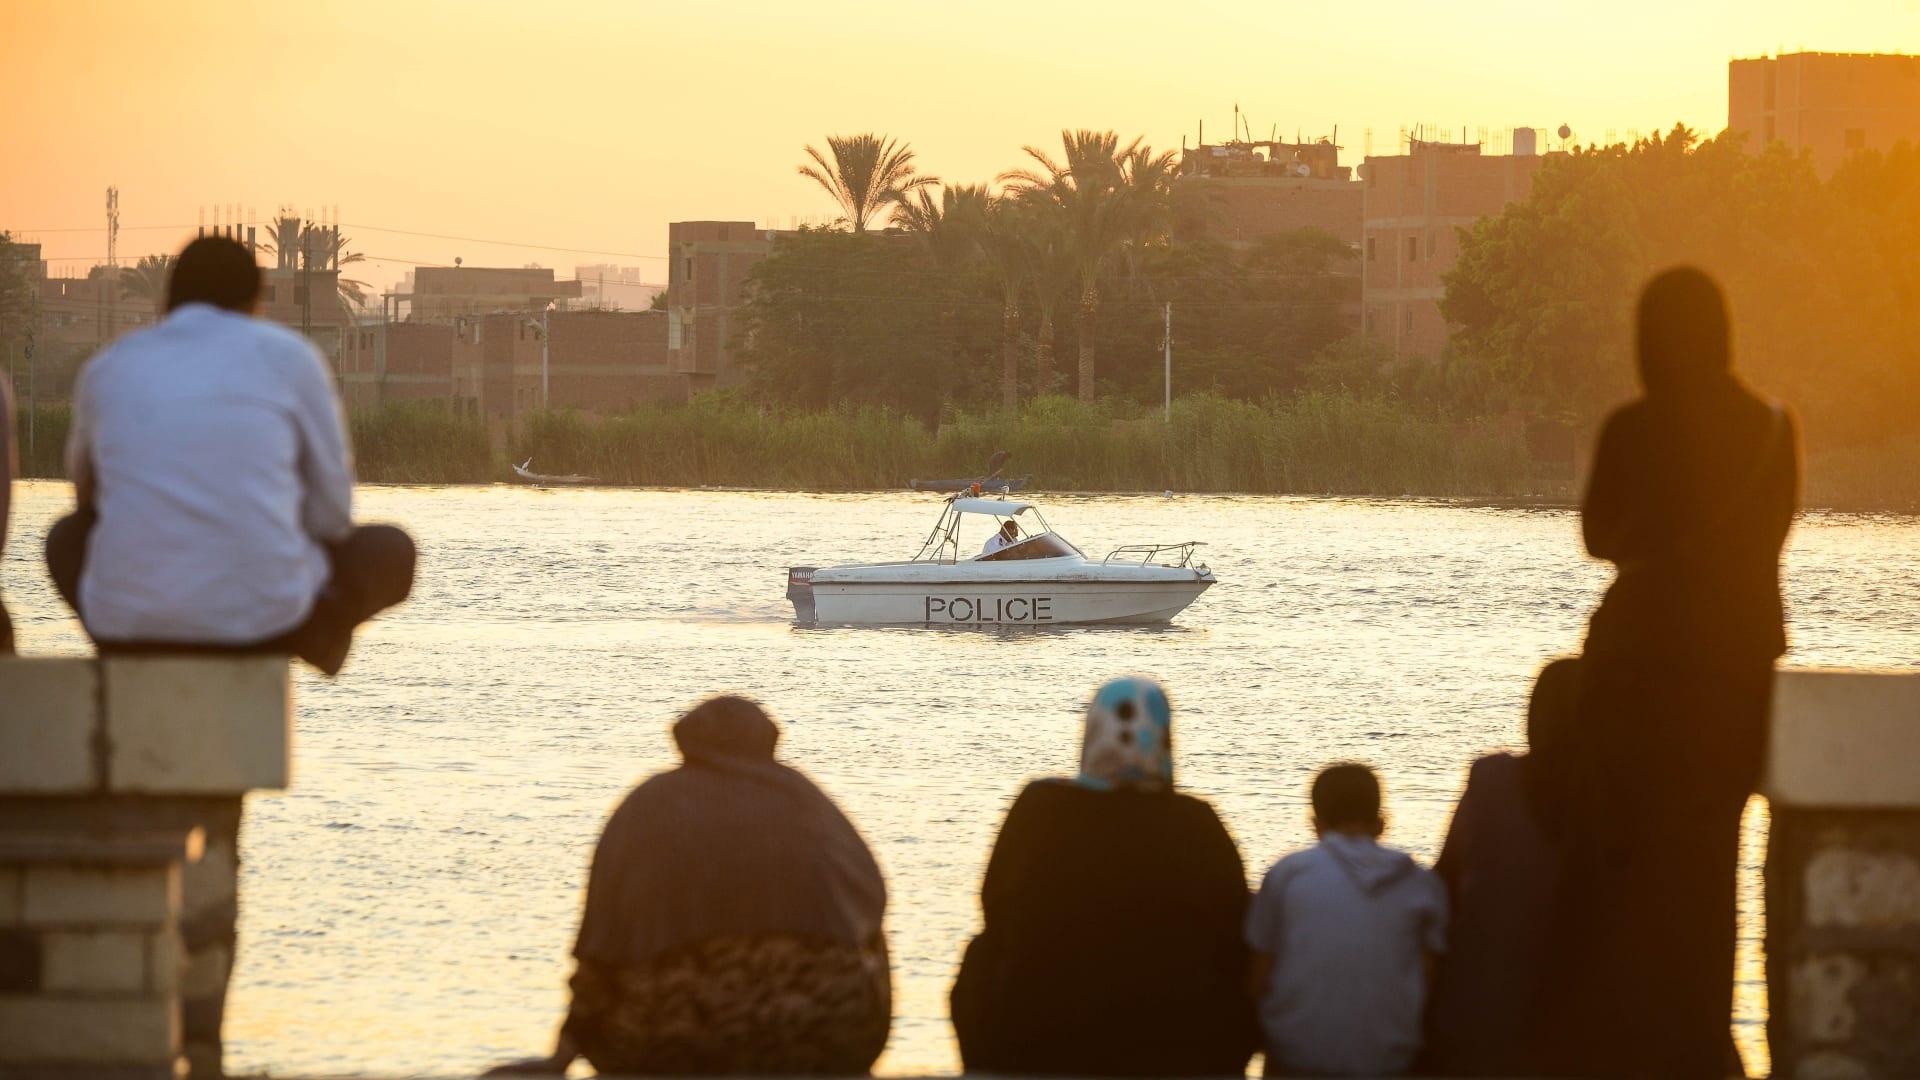 جولة عبر نهر النيل برحلة فريدة بحثاً عن التجديد الروحي